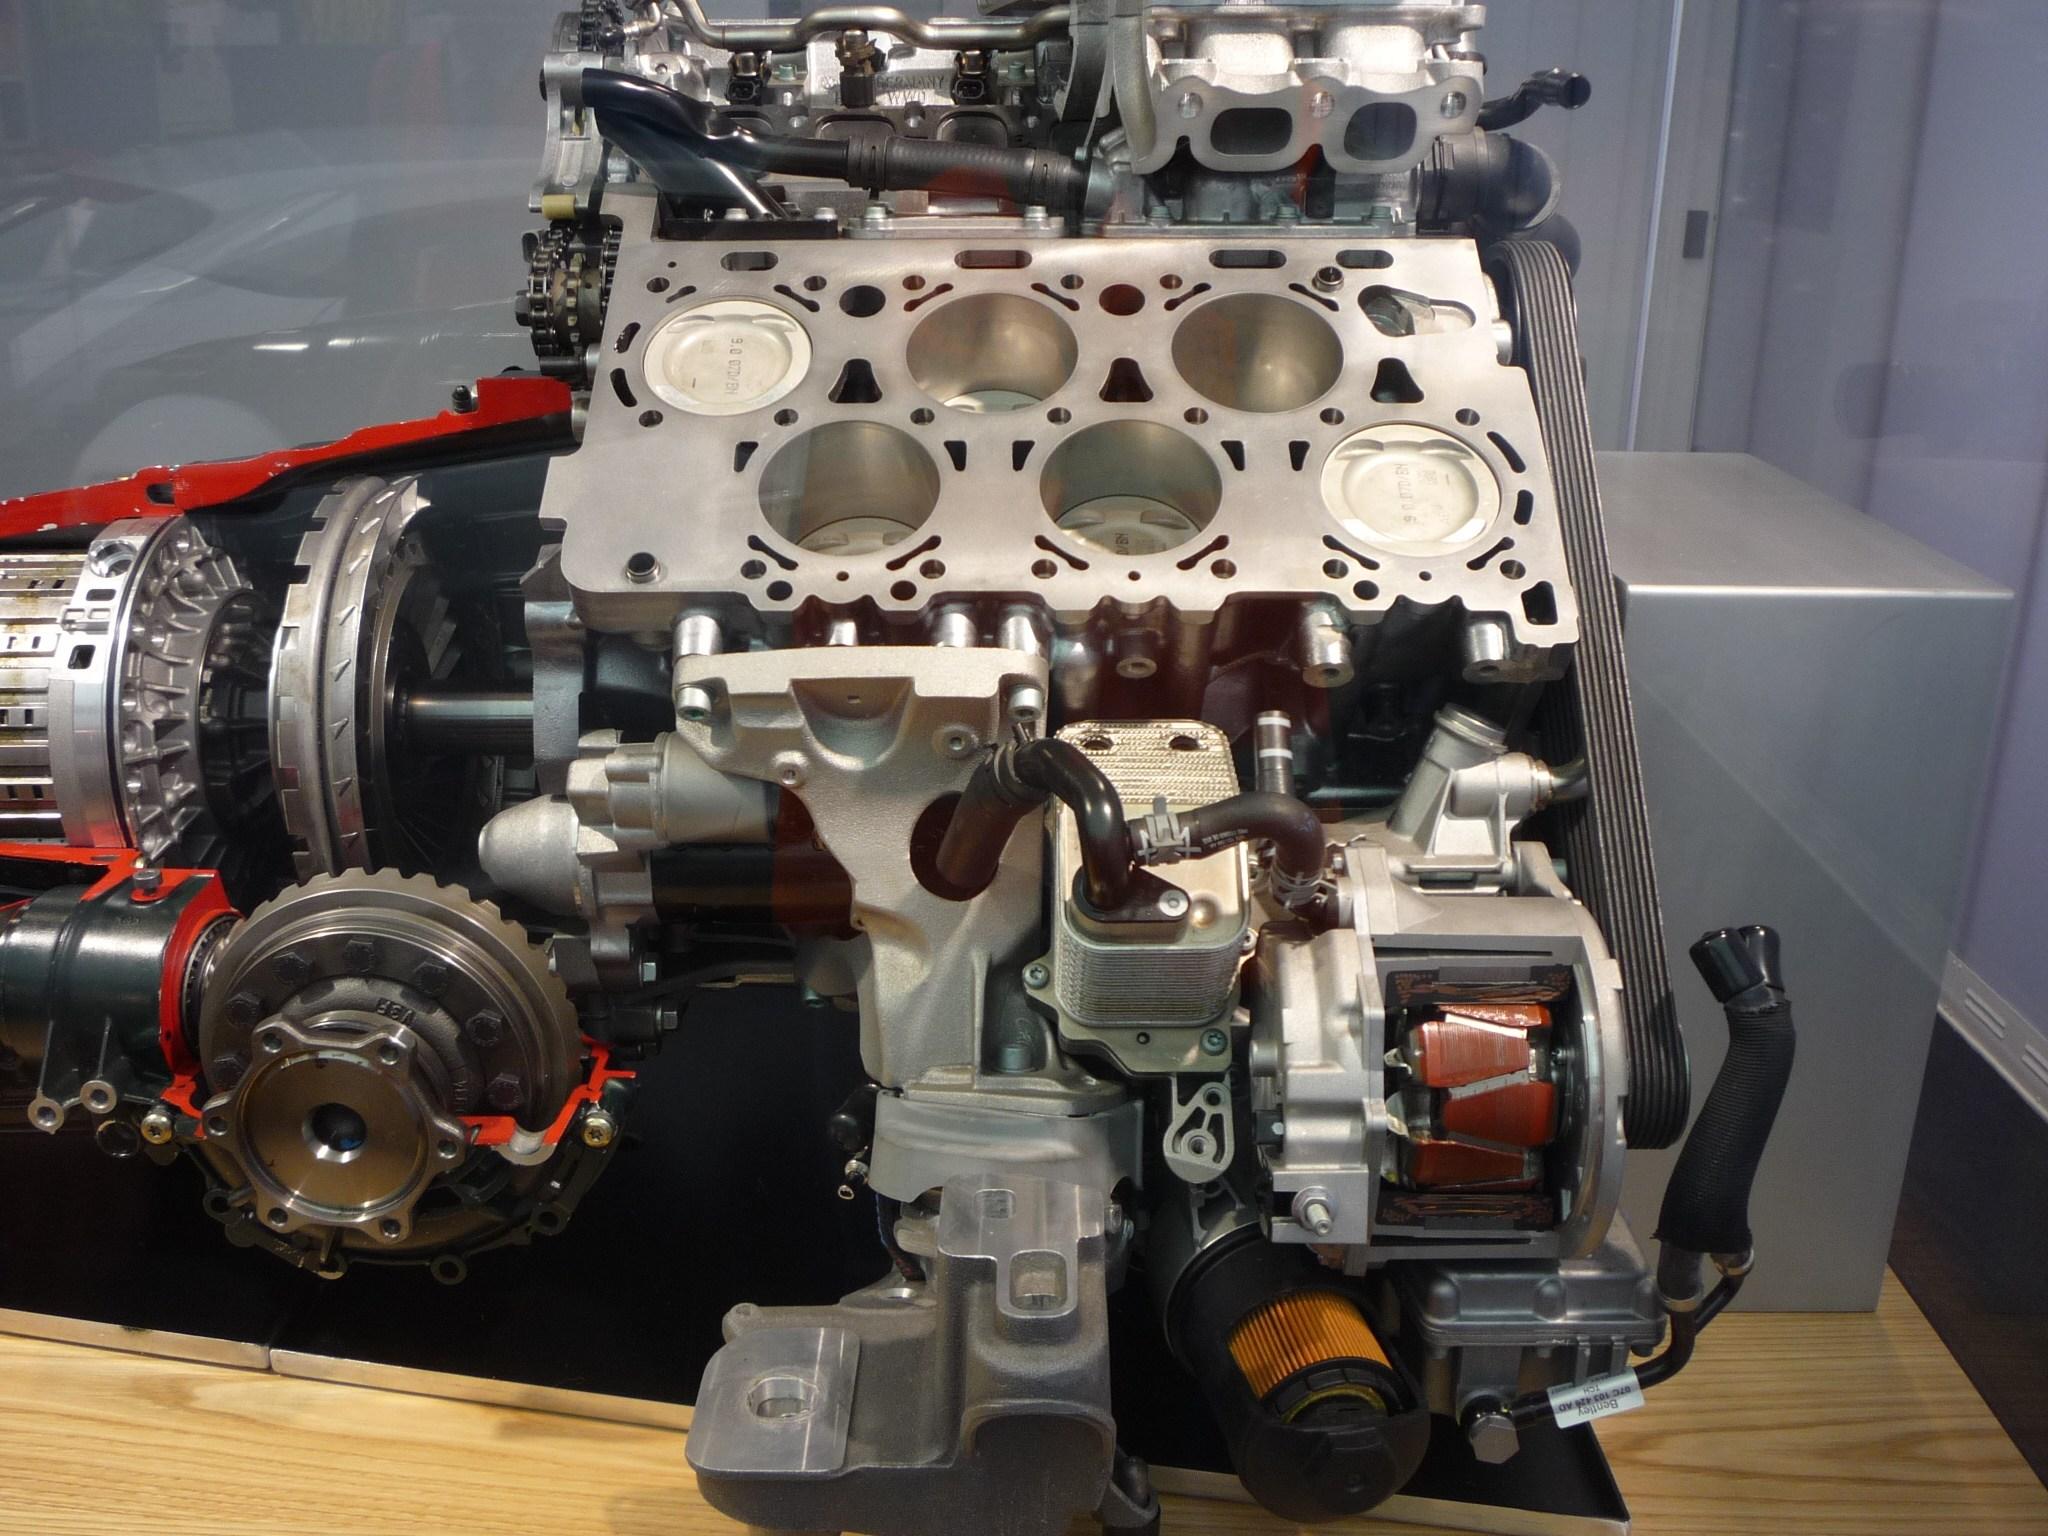 [SODI_2457]   DD_1377] W12 Engine Animation Diagram W12 Free Engine Image For User Manual | Bentley W12 Engine Diagram |  | Loida Cette Mohammedshrine Librar Wiring 101